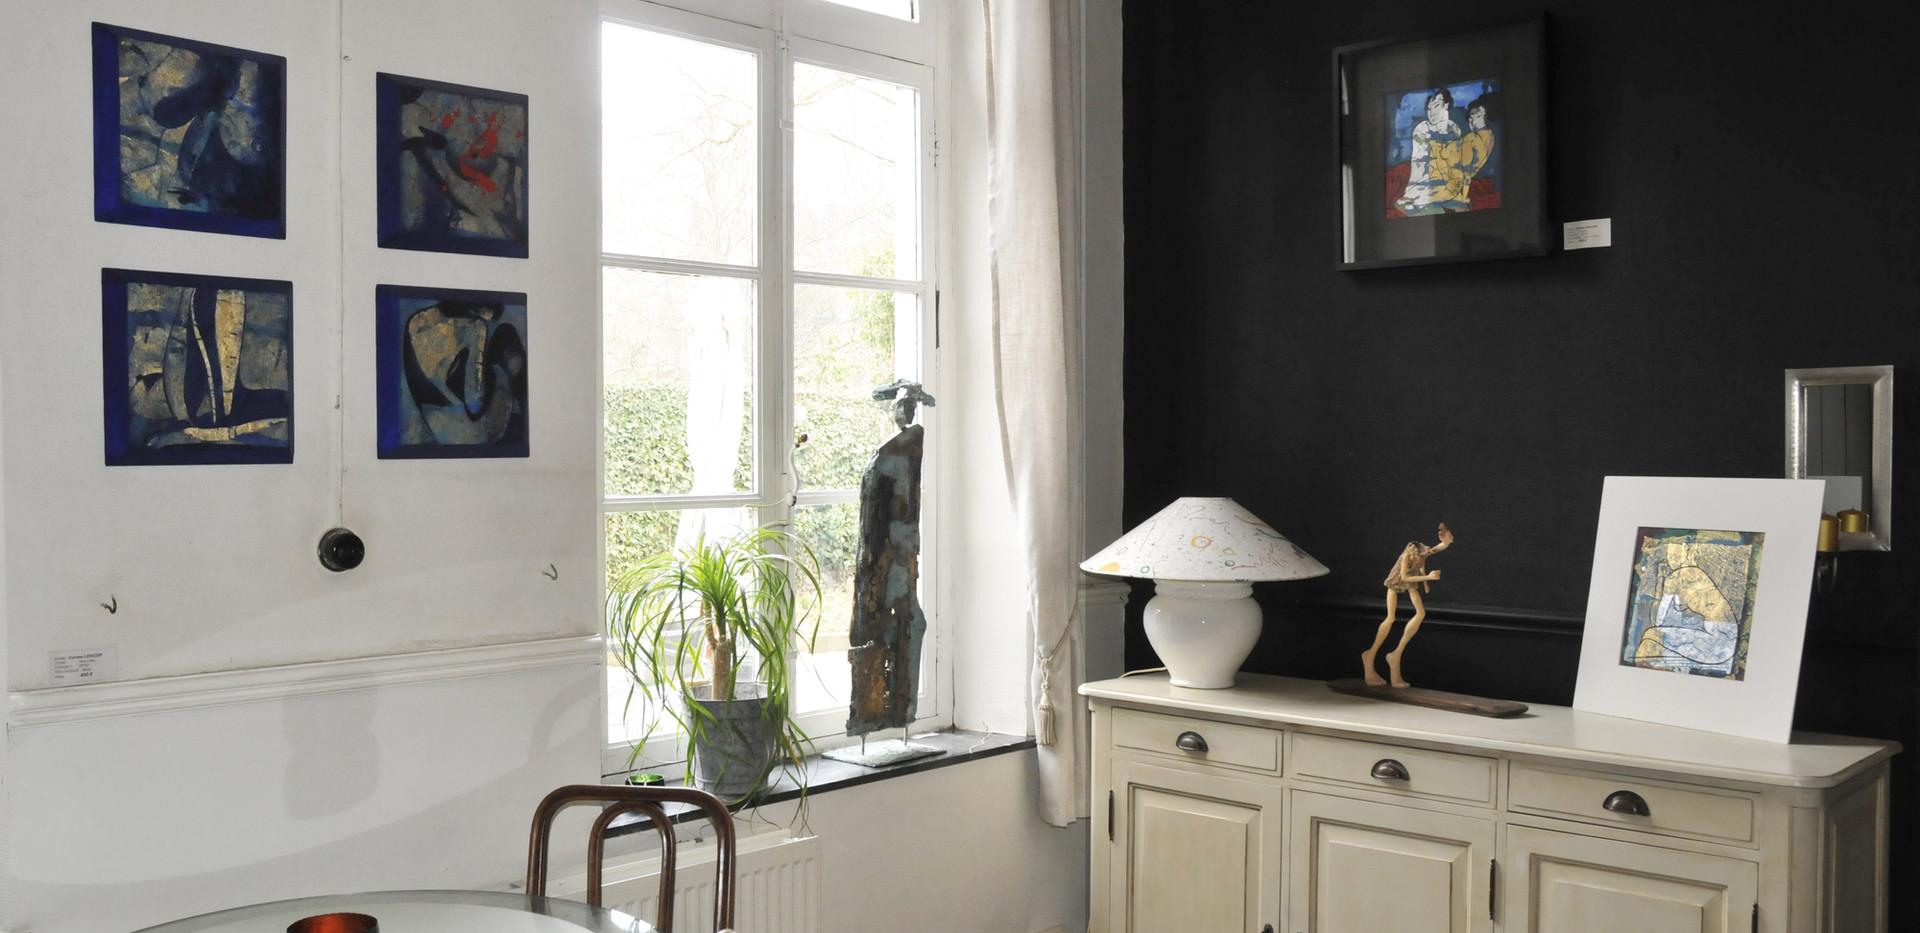 Galerie CAD - 2013 -.jpg